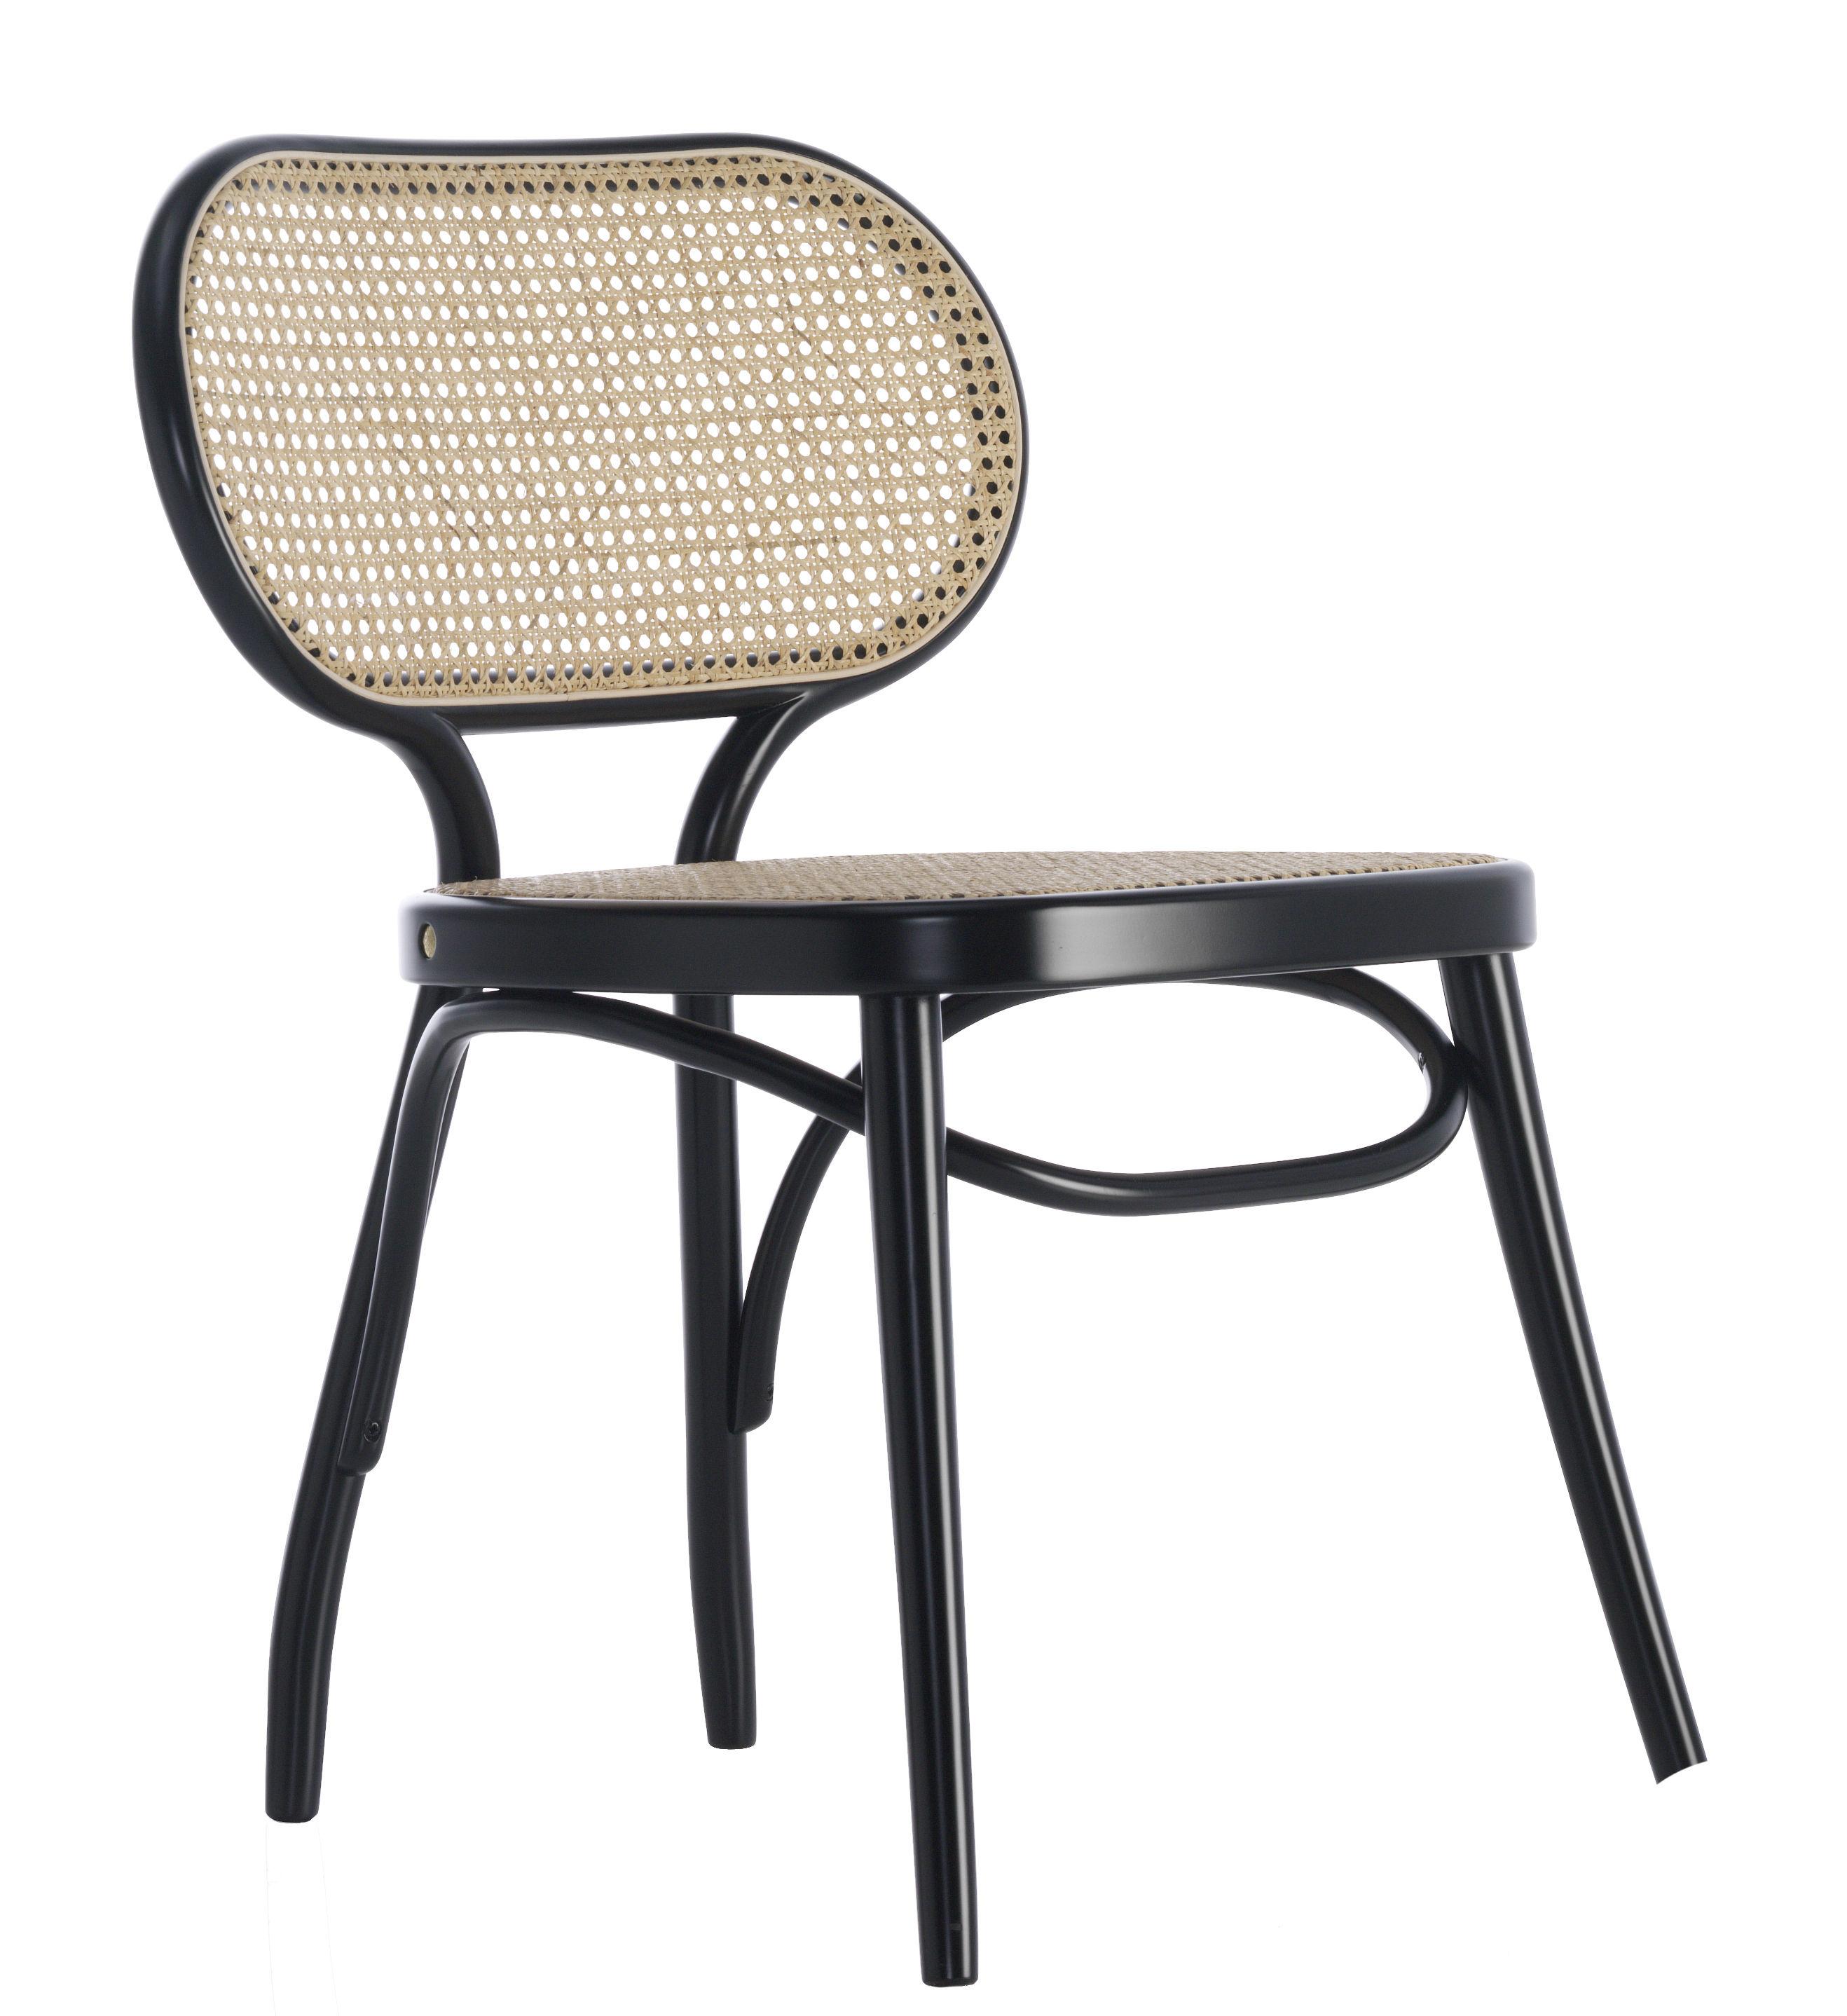 Mobilier - Chaises, fauteuils de salle à manger - Chaise Bodystuhl / Bois & cannage - Wiener GTV Design - Noir / Paille naturelle - Hêtre massif cintré, Paille